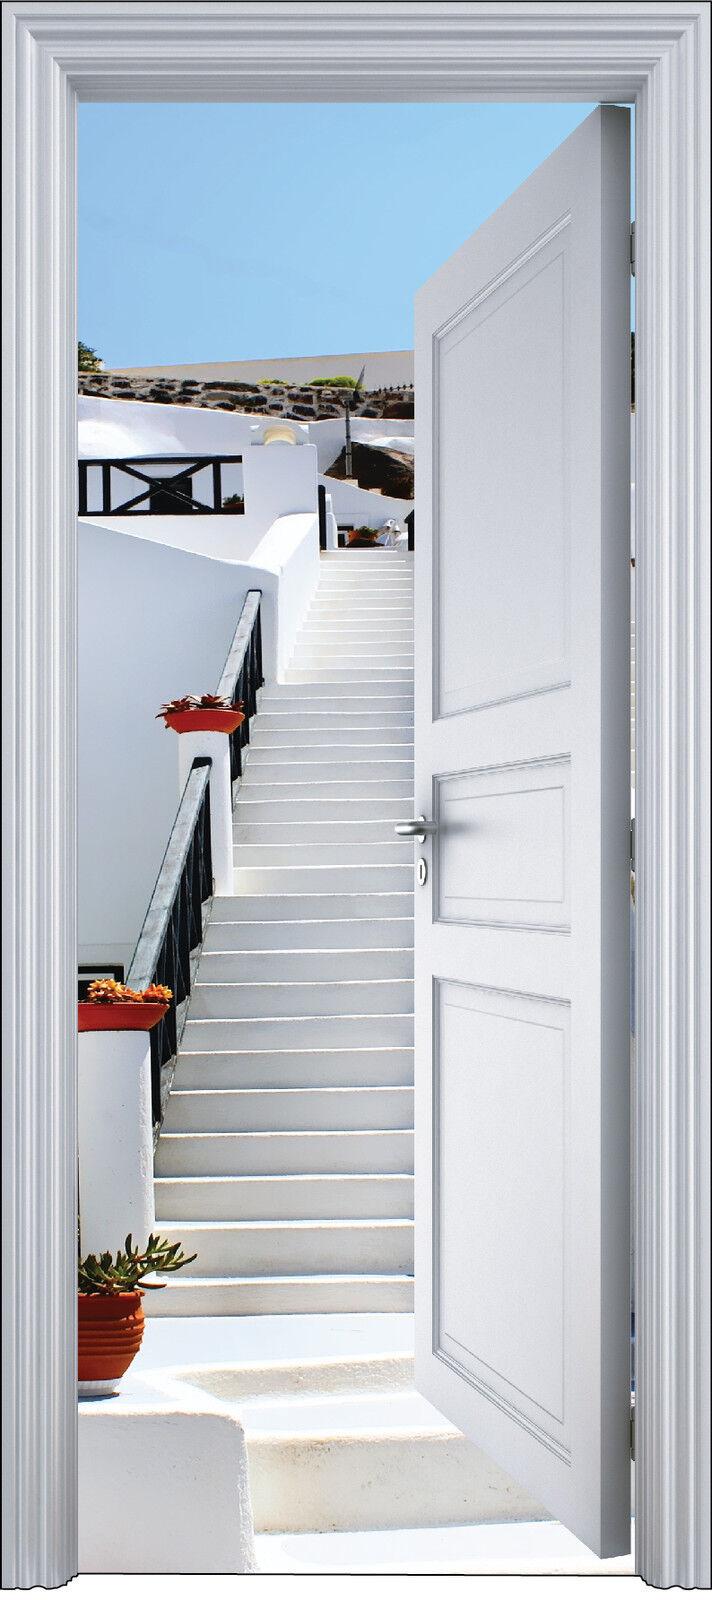 Adhesivo Puerta Trompa Trampantojo Decoración Escalera whiteo 90x200 cm Ref 2113